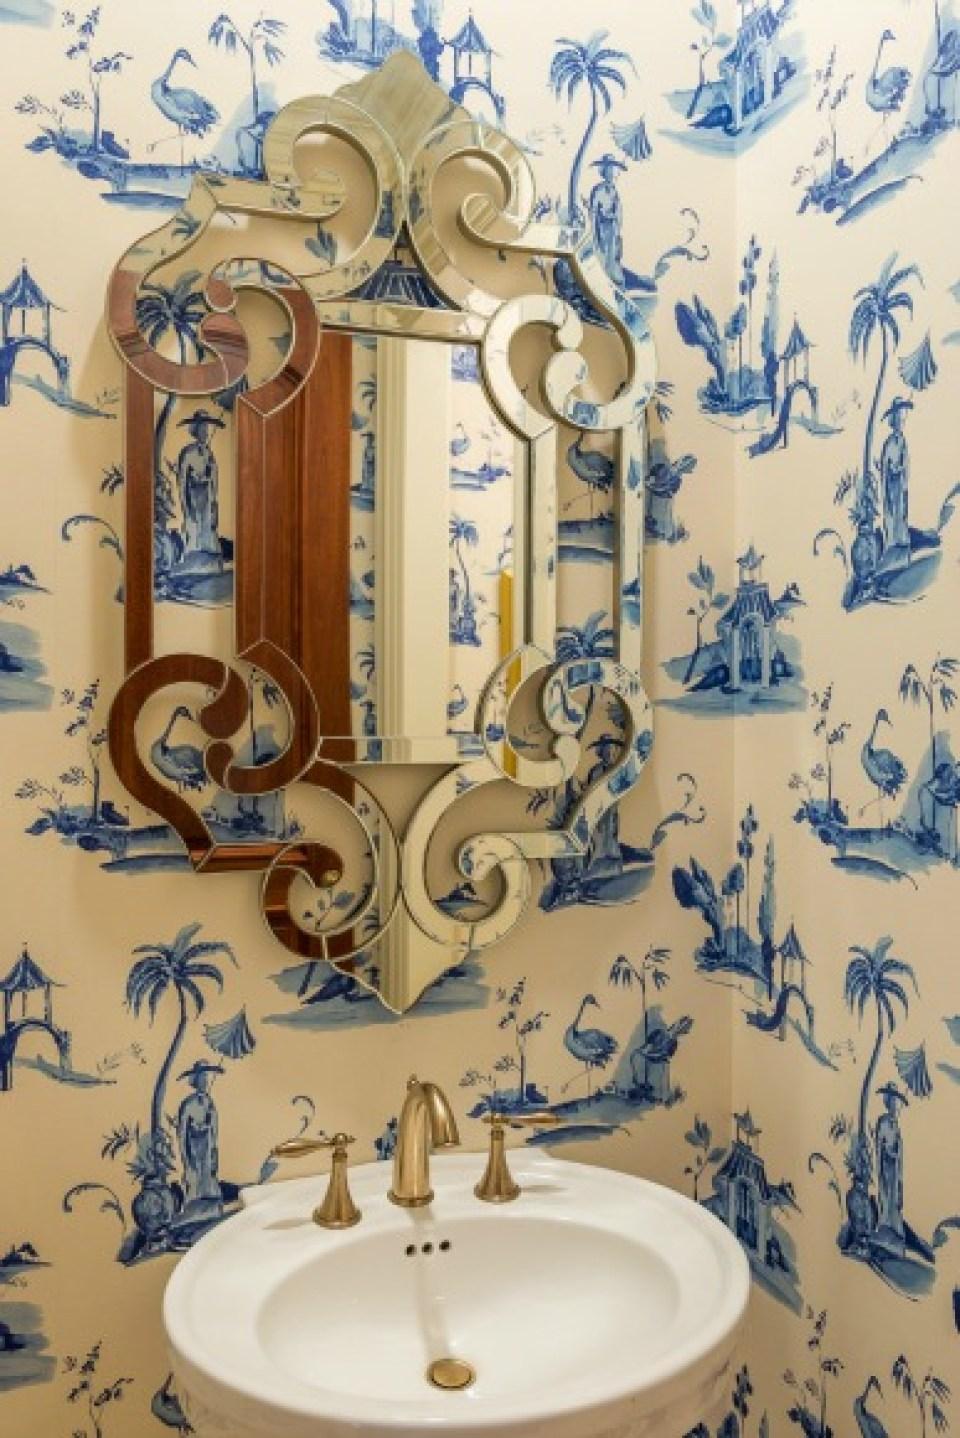 Blue Asian wallpaper